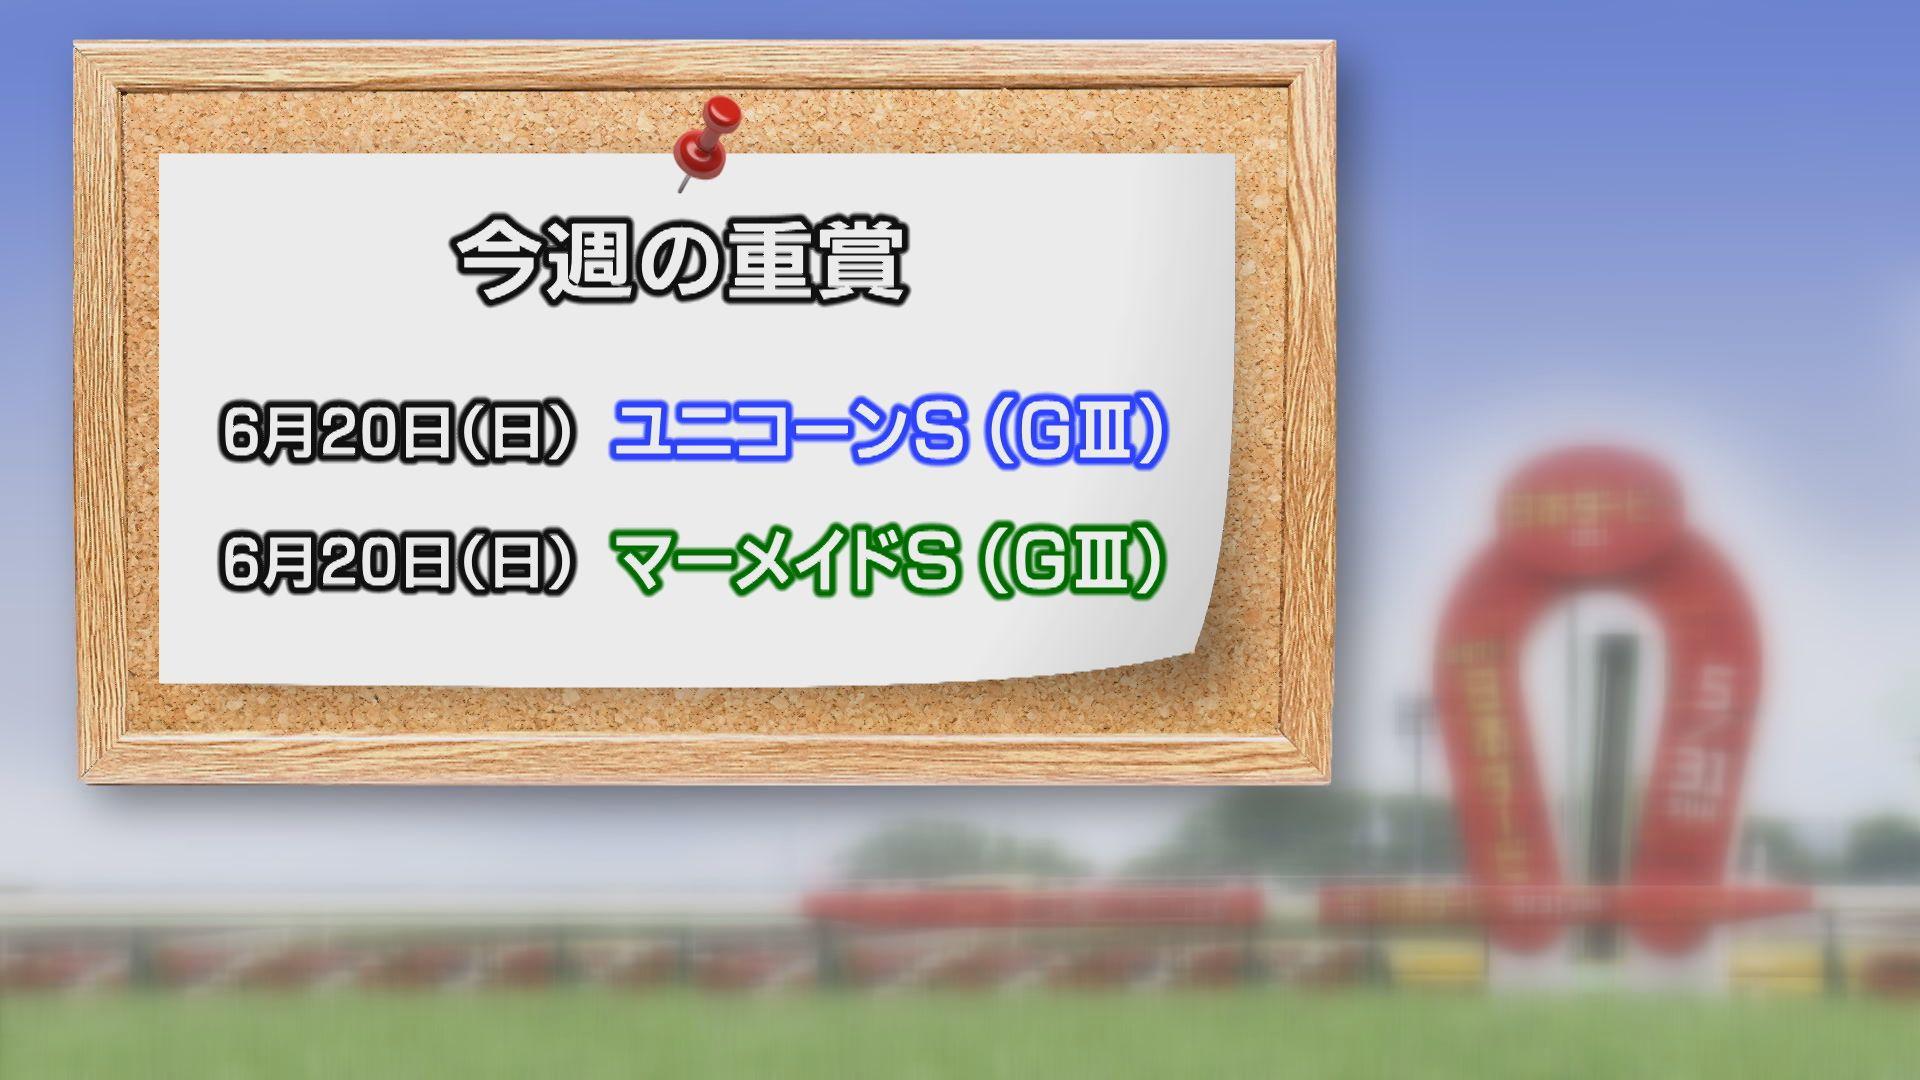 【今週の重賞インフォメーション】ユニコーンS他 6/20(日)